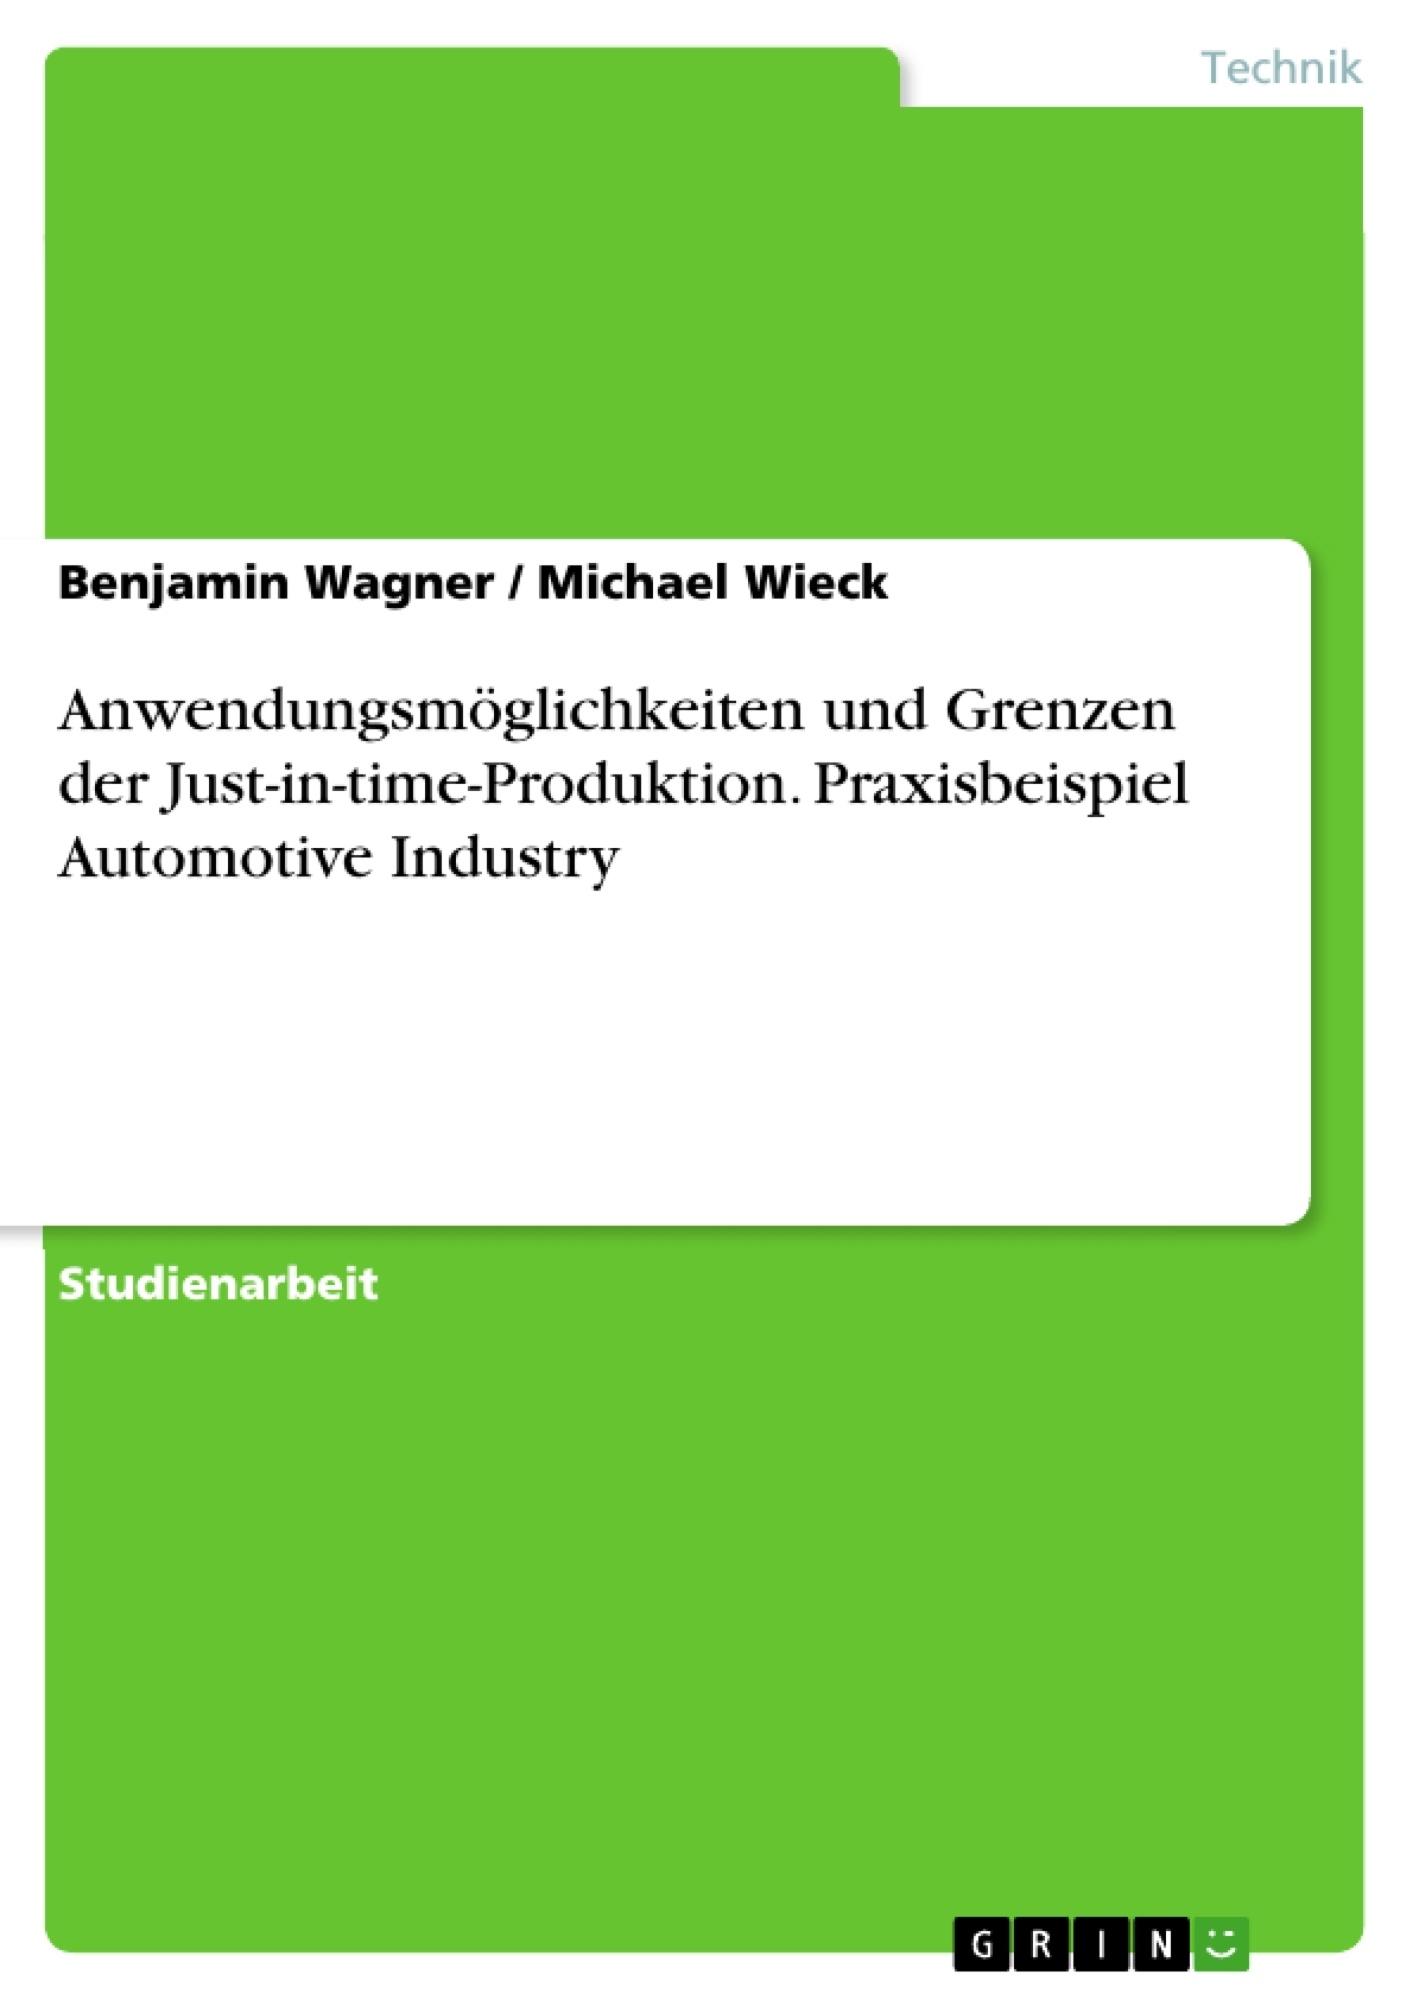 Titel: Anwendungsmöglichkeiten und Grenzen der Just-in-time-Produktion. Praxisbeispiel Automotive Industry